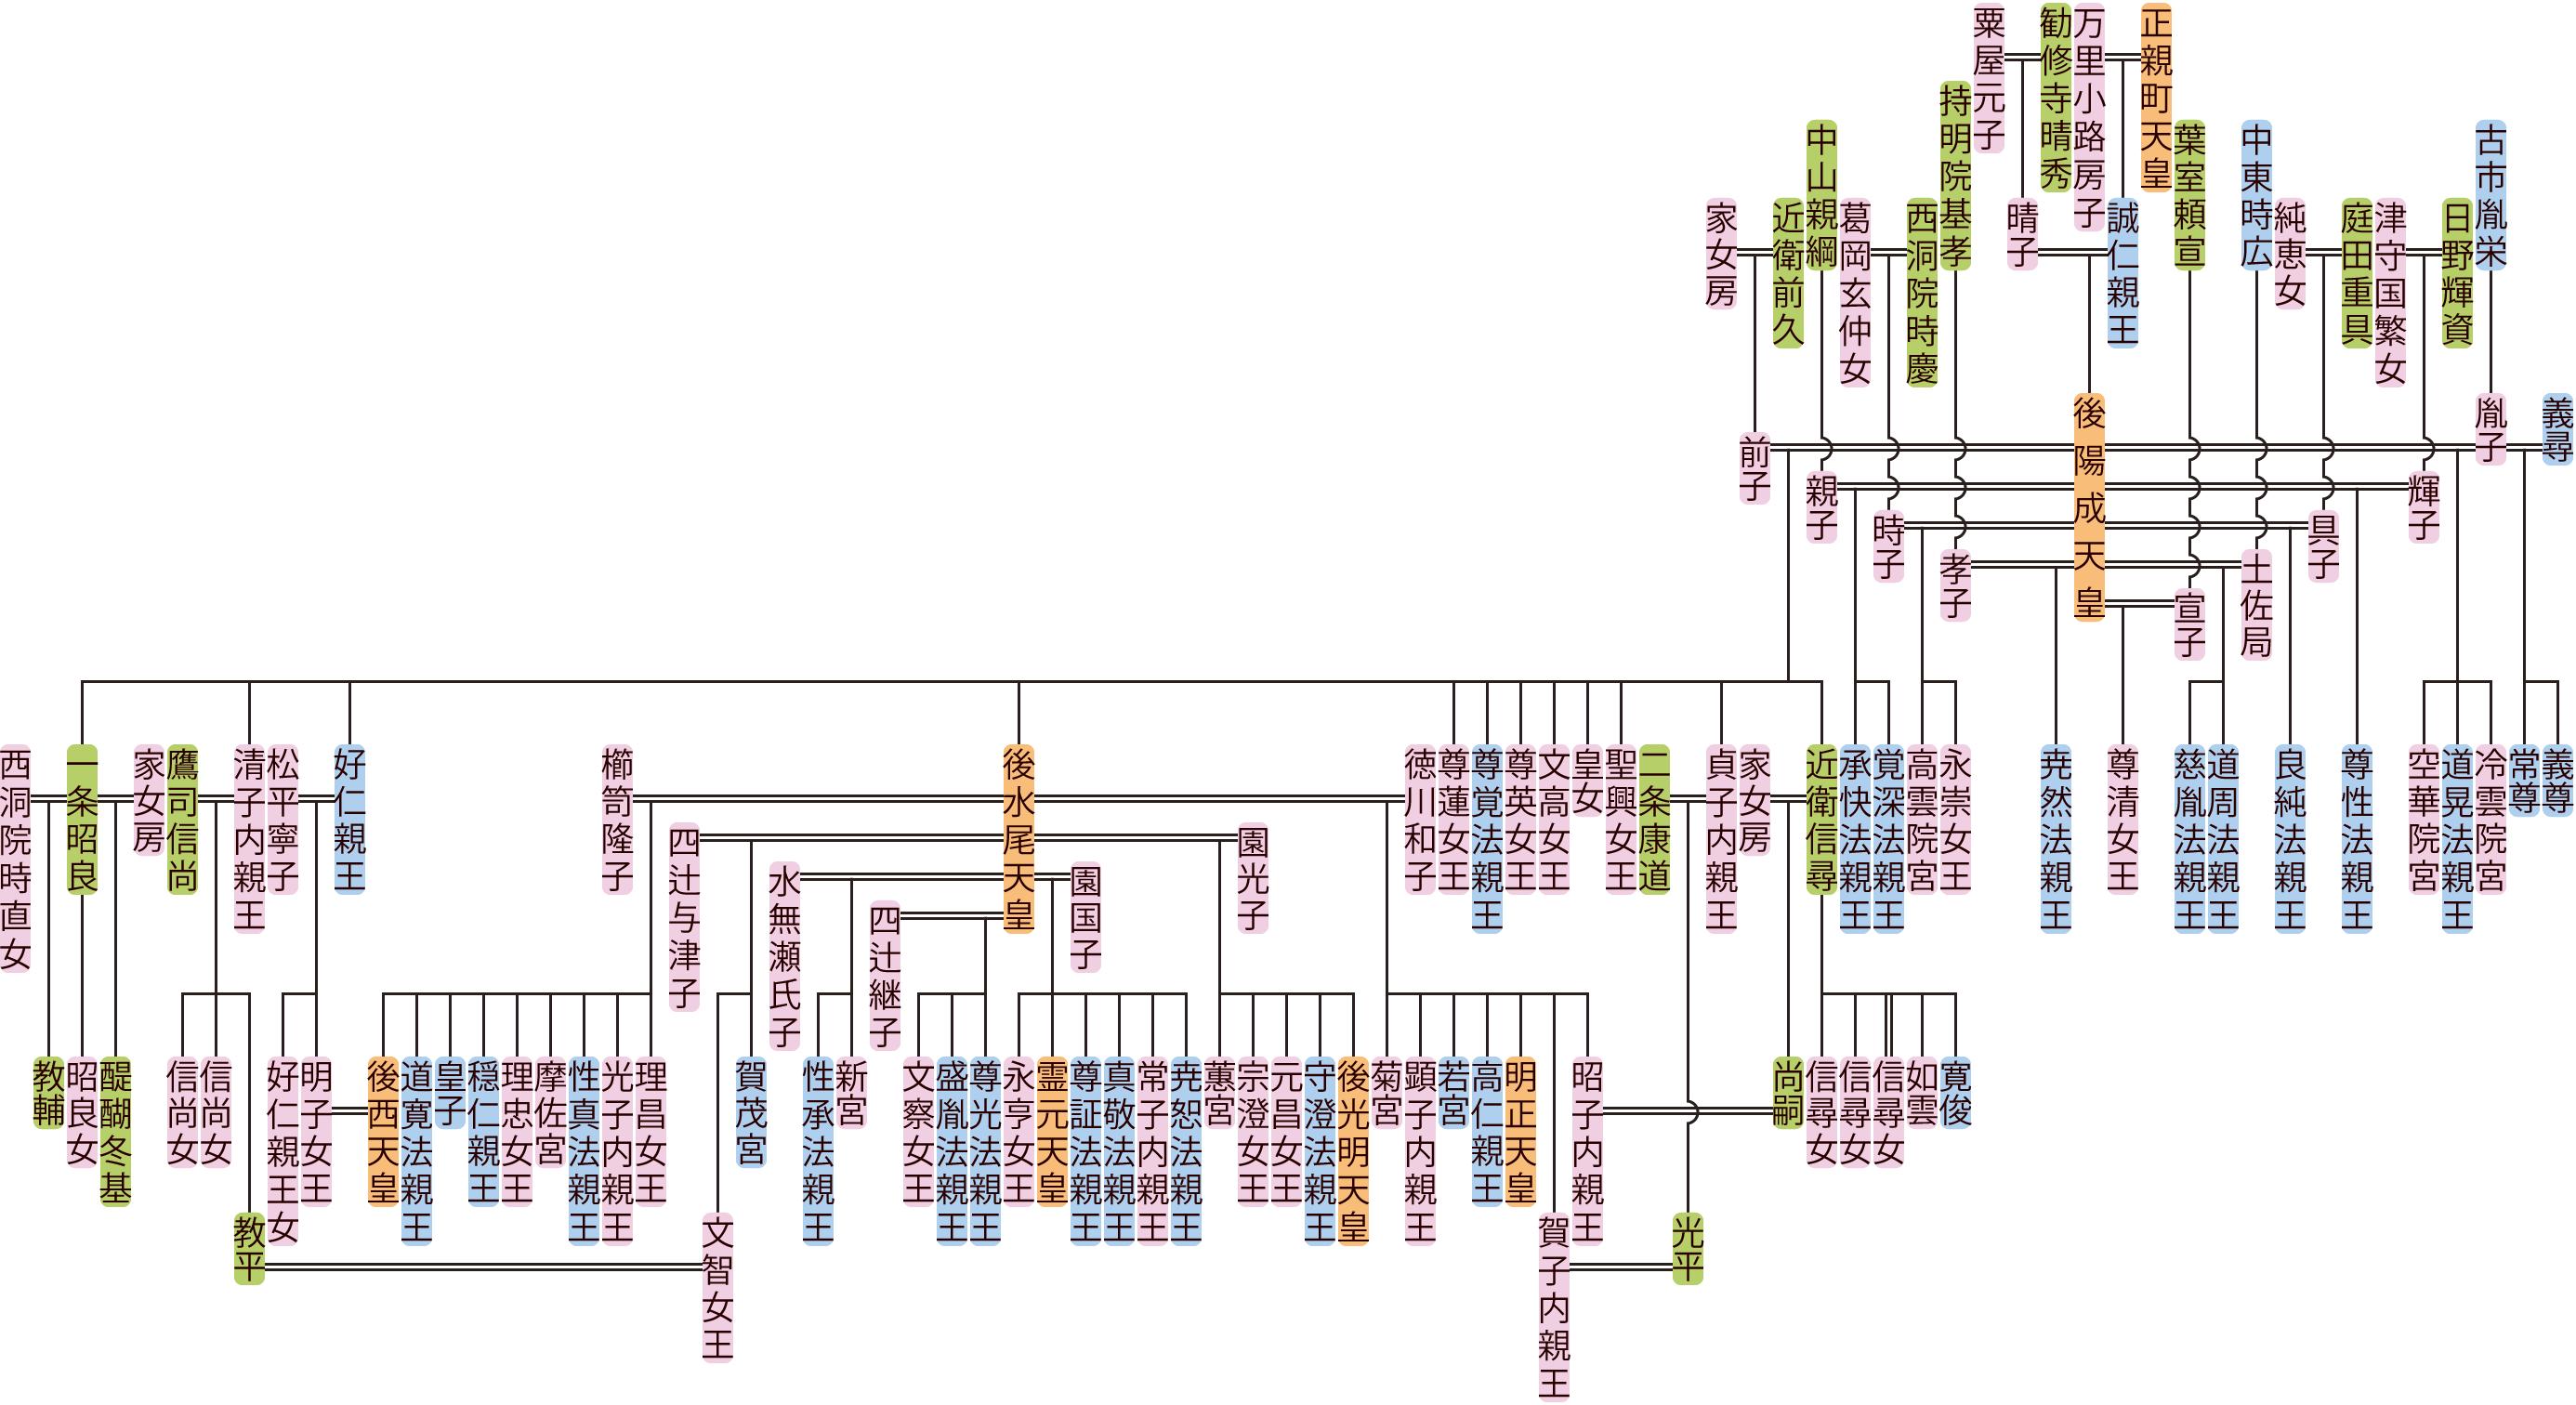 後陽成天皇の系図